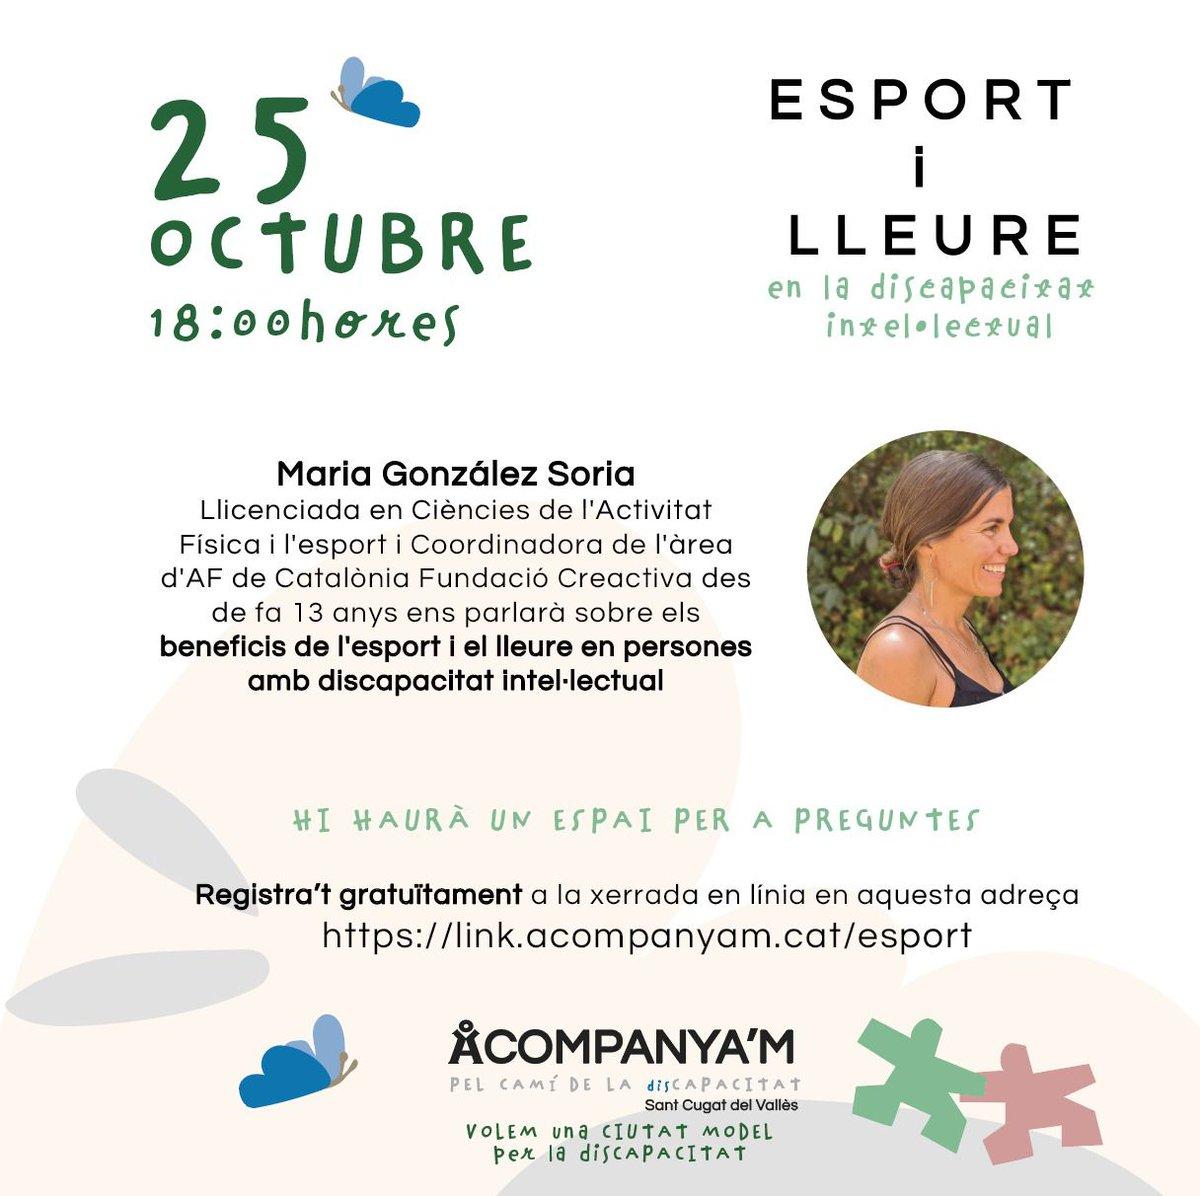 🗣️Participa en la xerrada en línia sobre els avantatges de l'esport i el lleure en persones amb discapacitat intel·lectual, amb Maria González Soria  🗓️25 OCTUBRE 🕗18h ✅Organitza @acompanyam  📲Registra't gratuïtament 👇https://t.co/ujjvWhZrs5  @Ofvoluntariatsc @GemmaAristoy